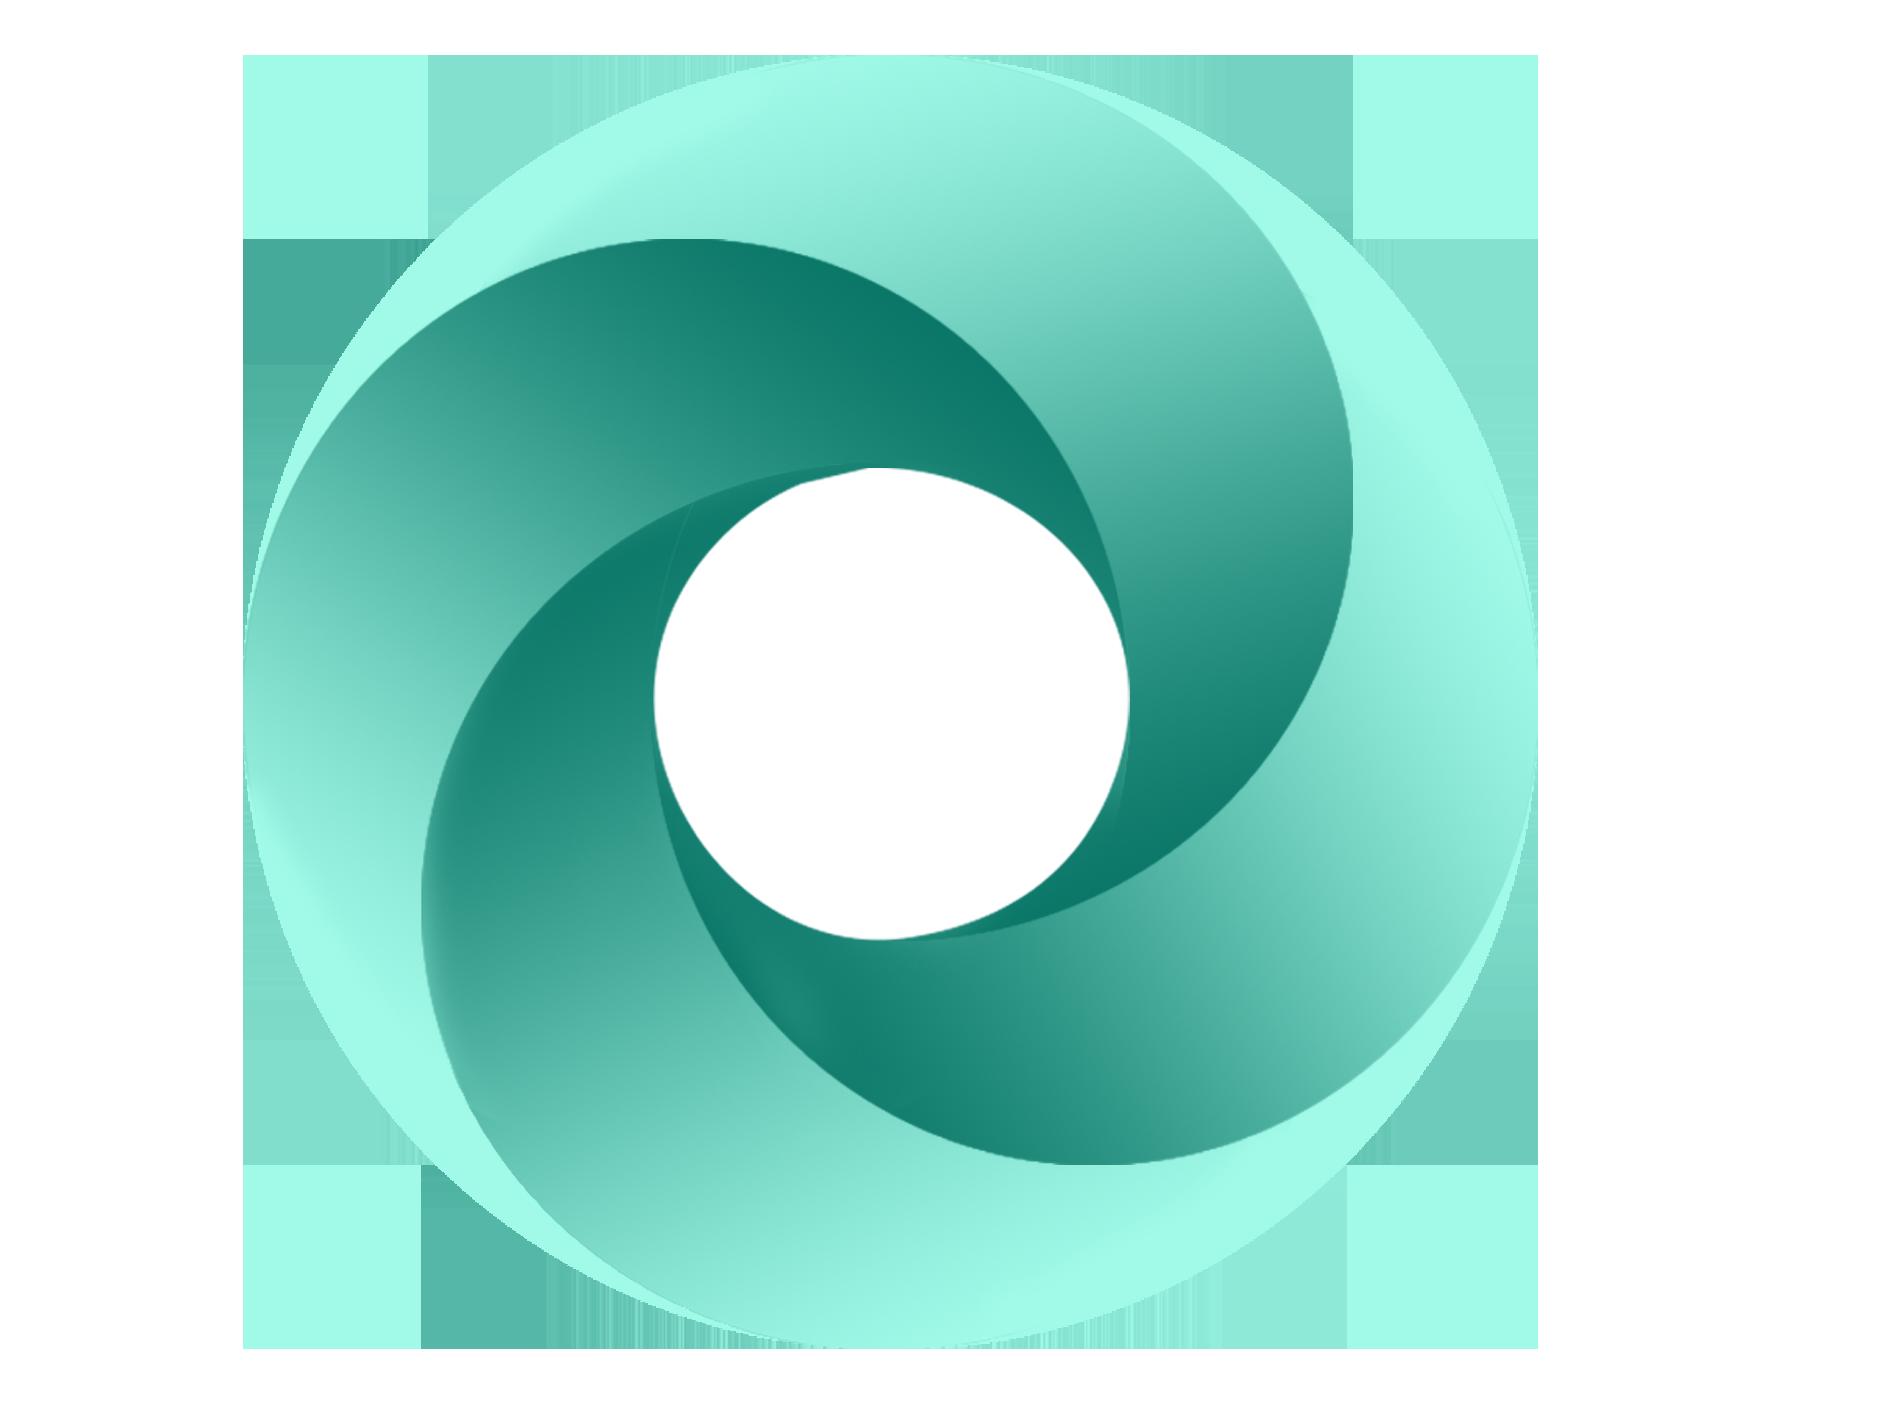 三个组合的圆